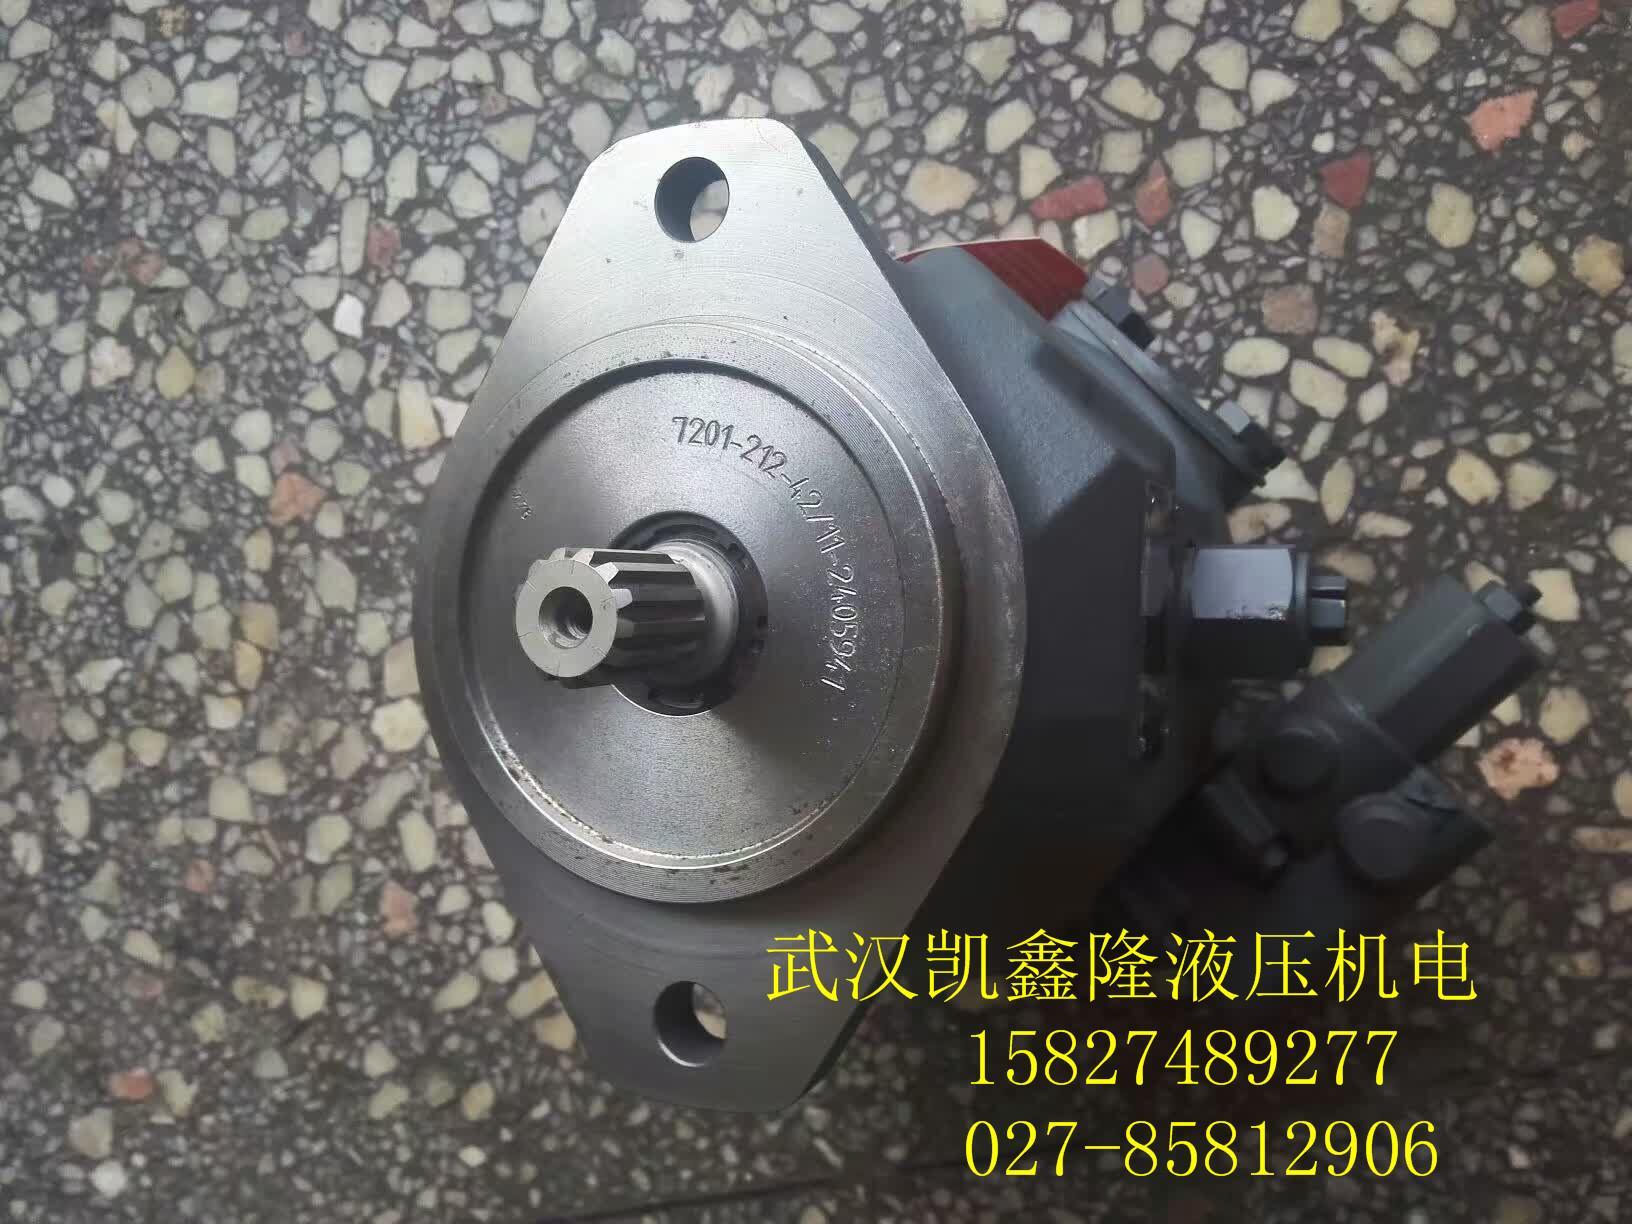 新闻:A11VO40LR.C/10L-NTC12N00力士乐柱塞泵_武汉凯鑫隆液压机电设备有限公司